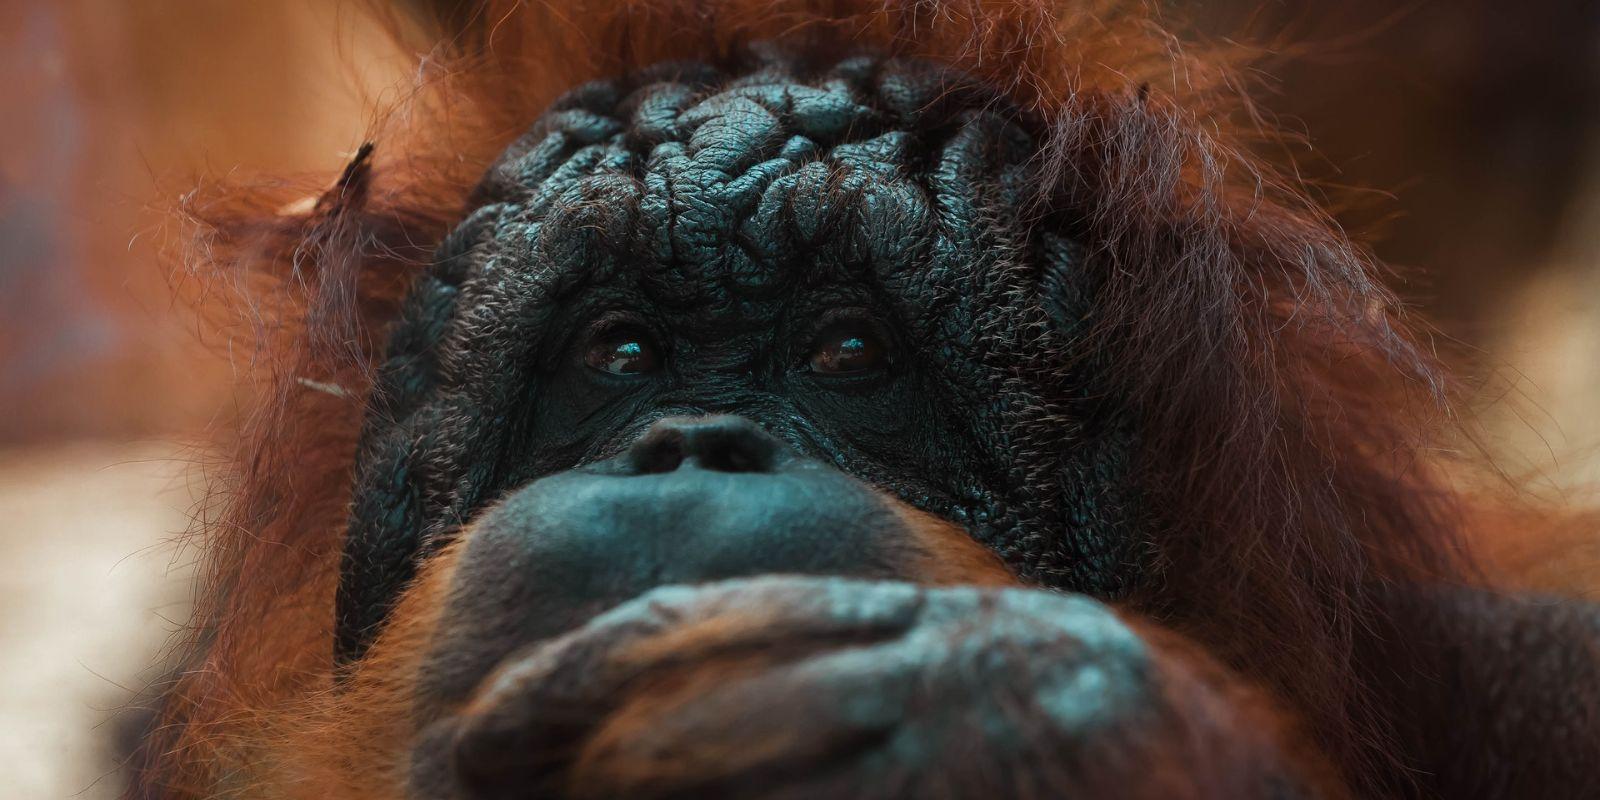 biodiverzitás, veszélyeztetett fajok, kihaló fajok, globális környezeti problémák